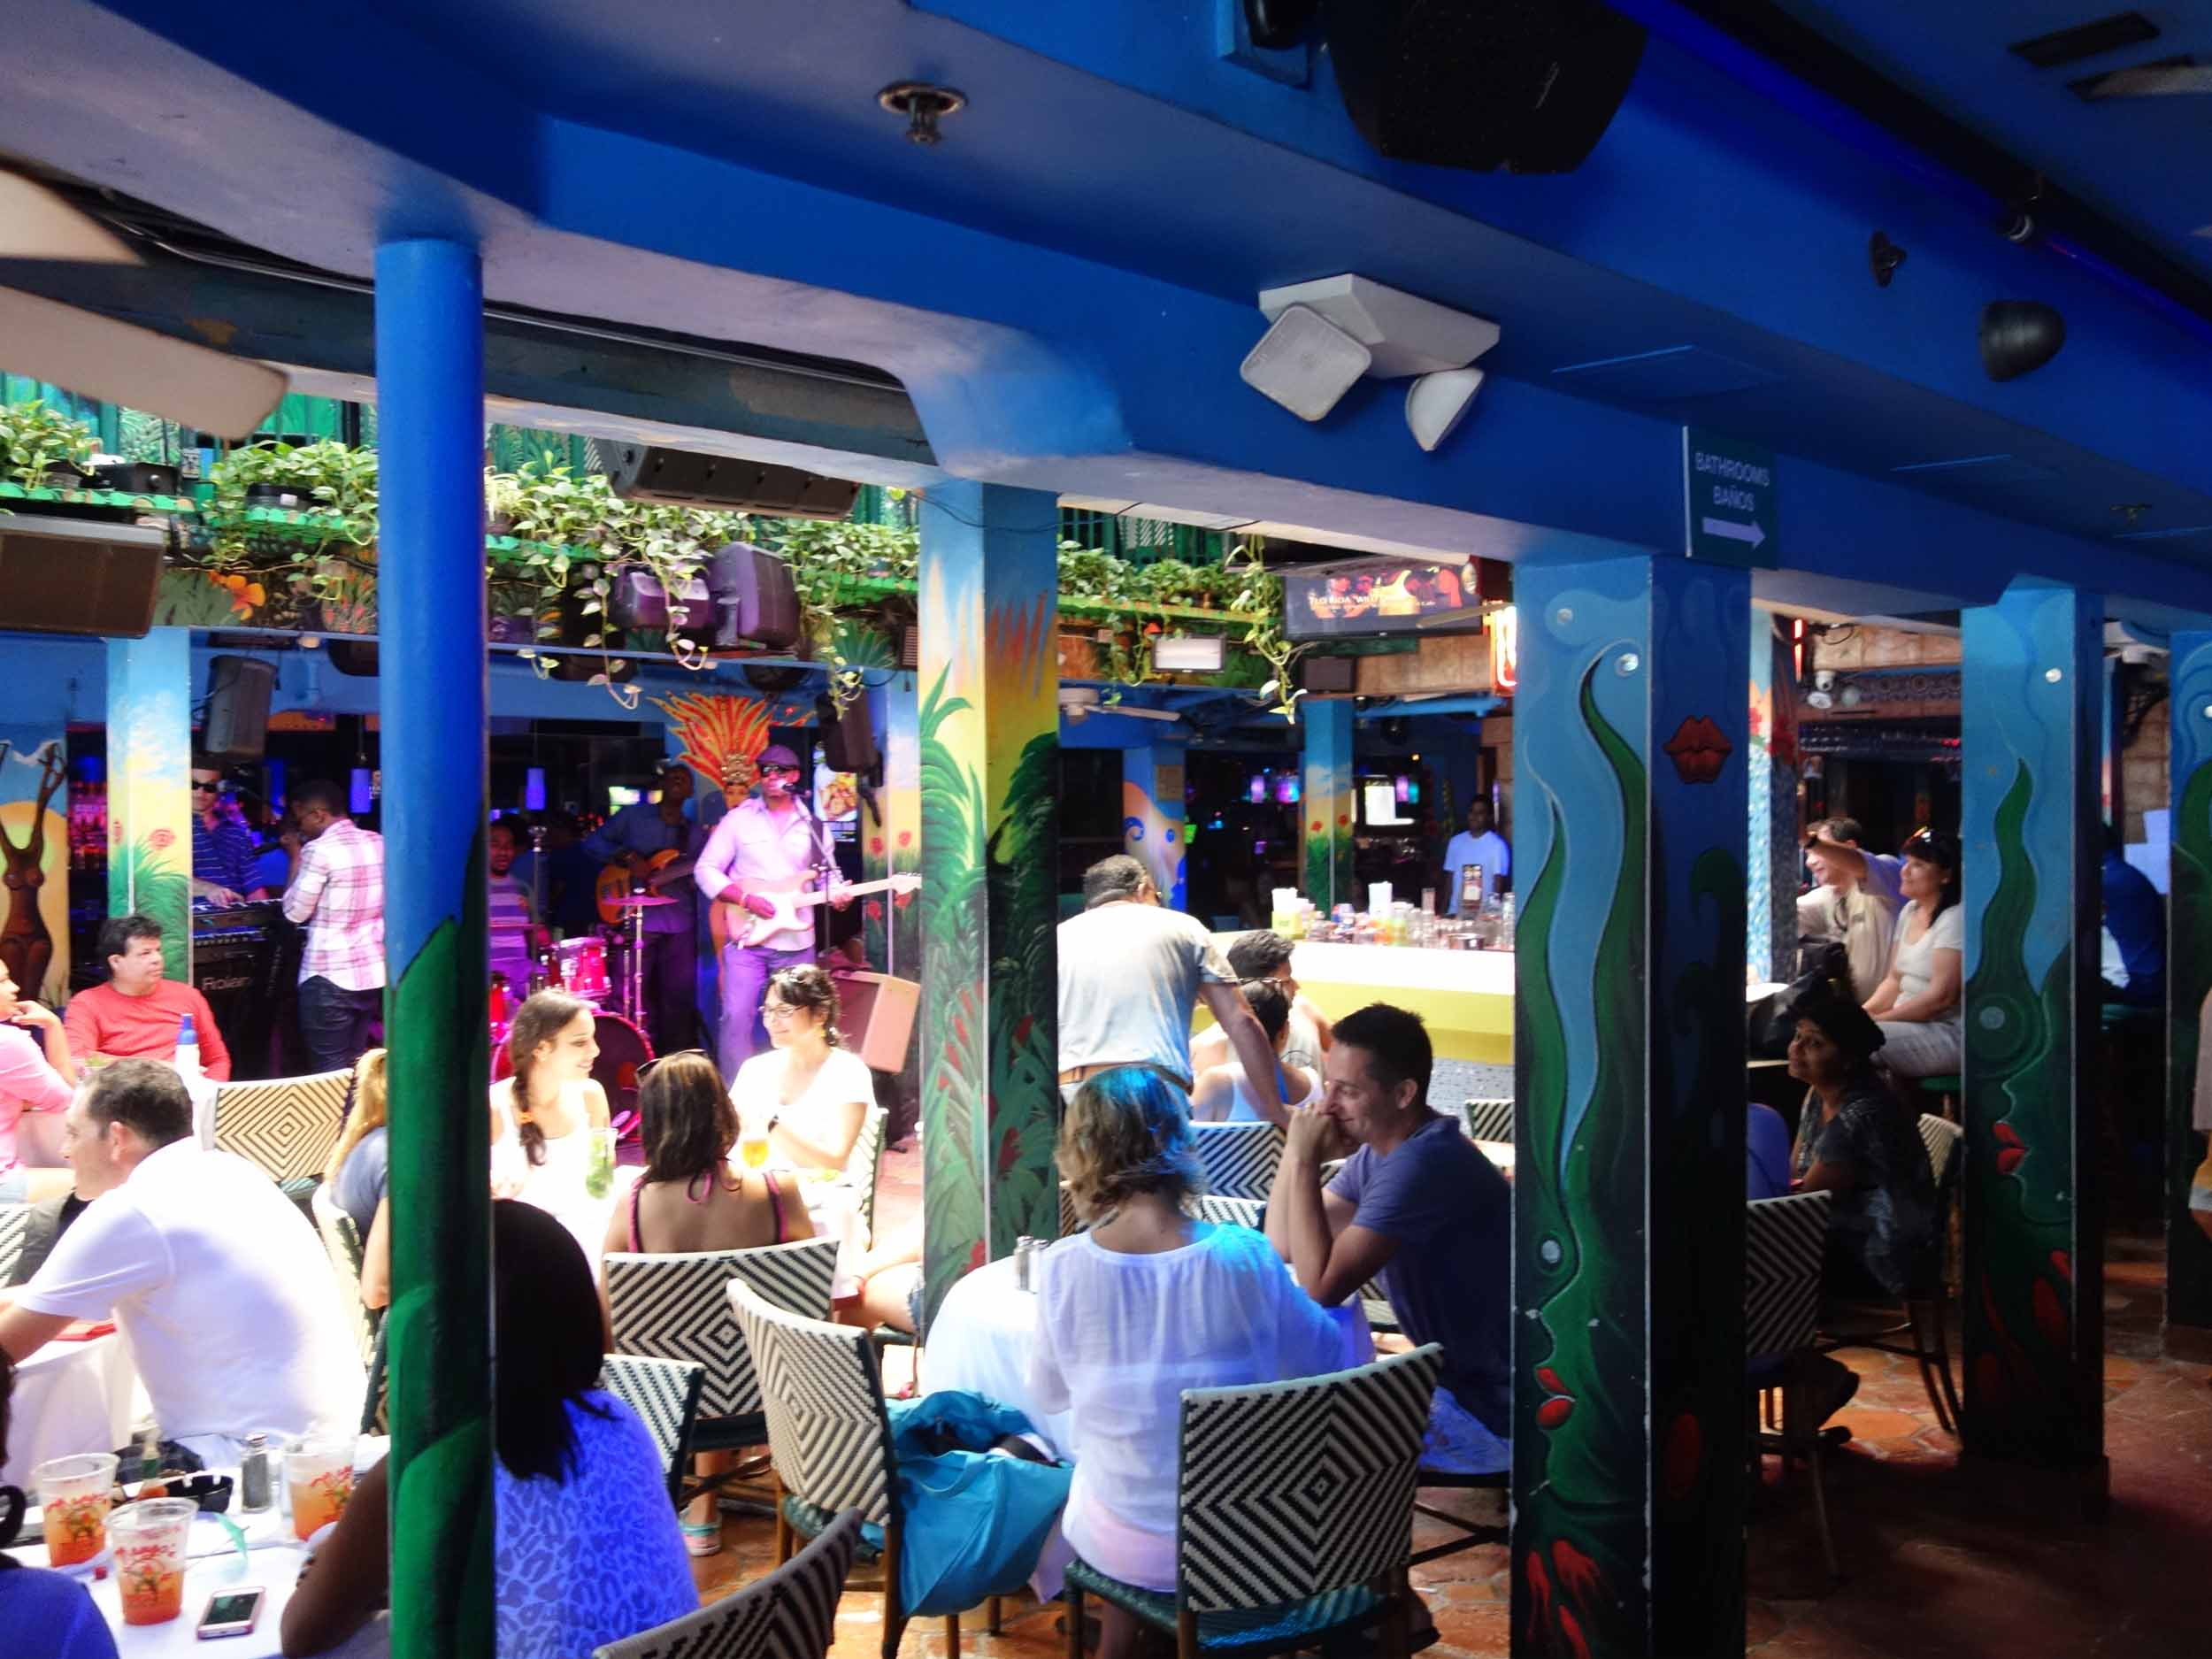 Mango's Tropical Cafe Live Music